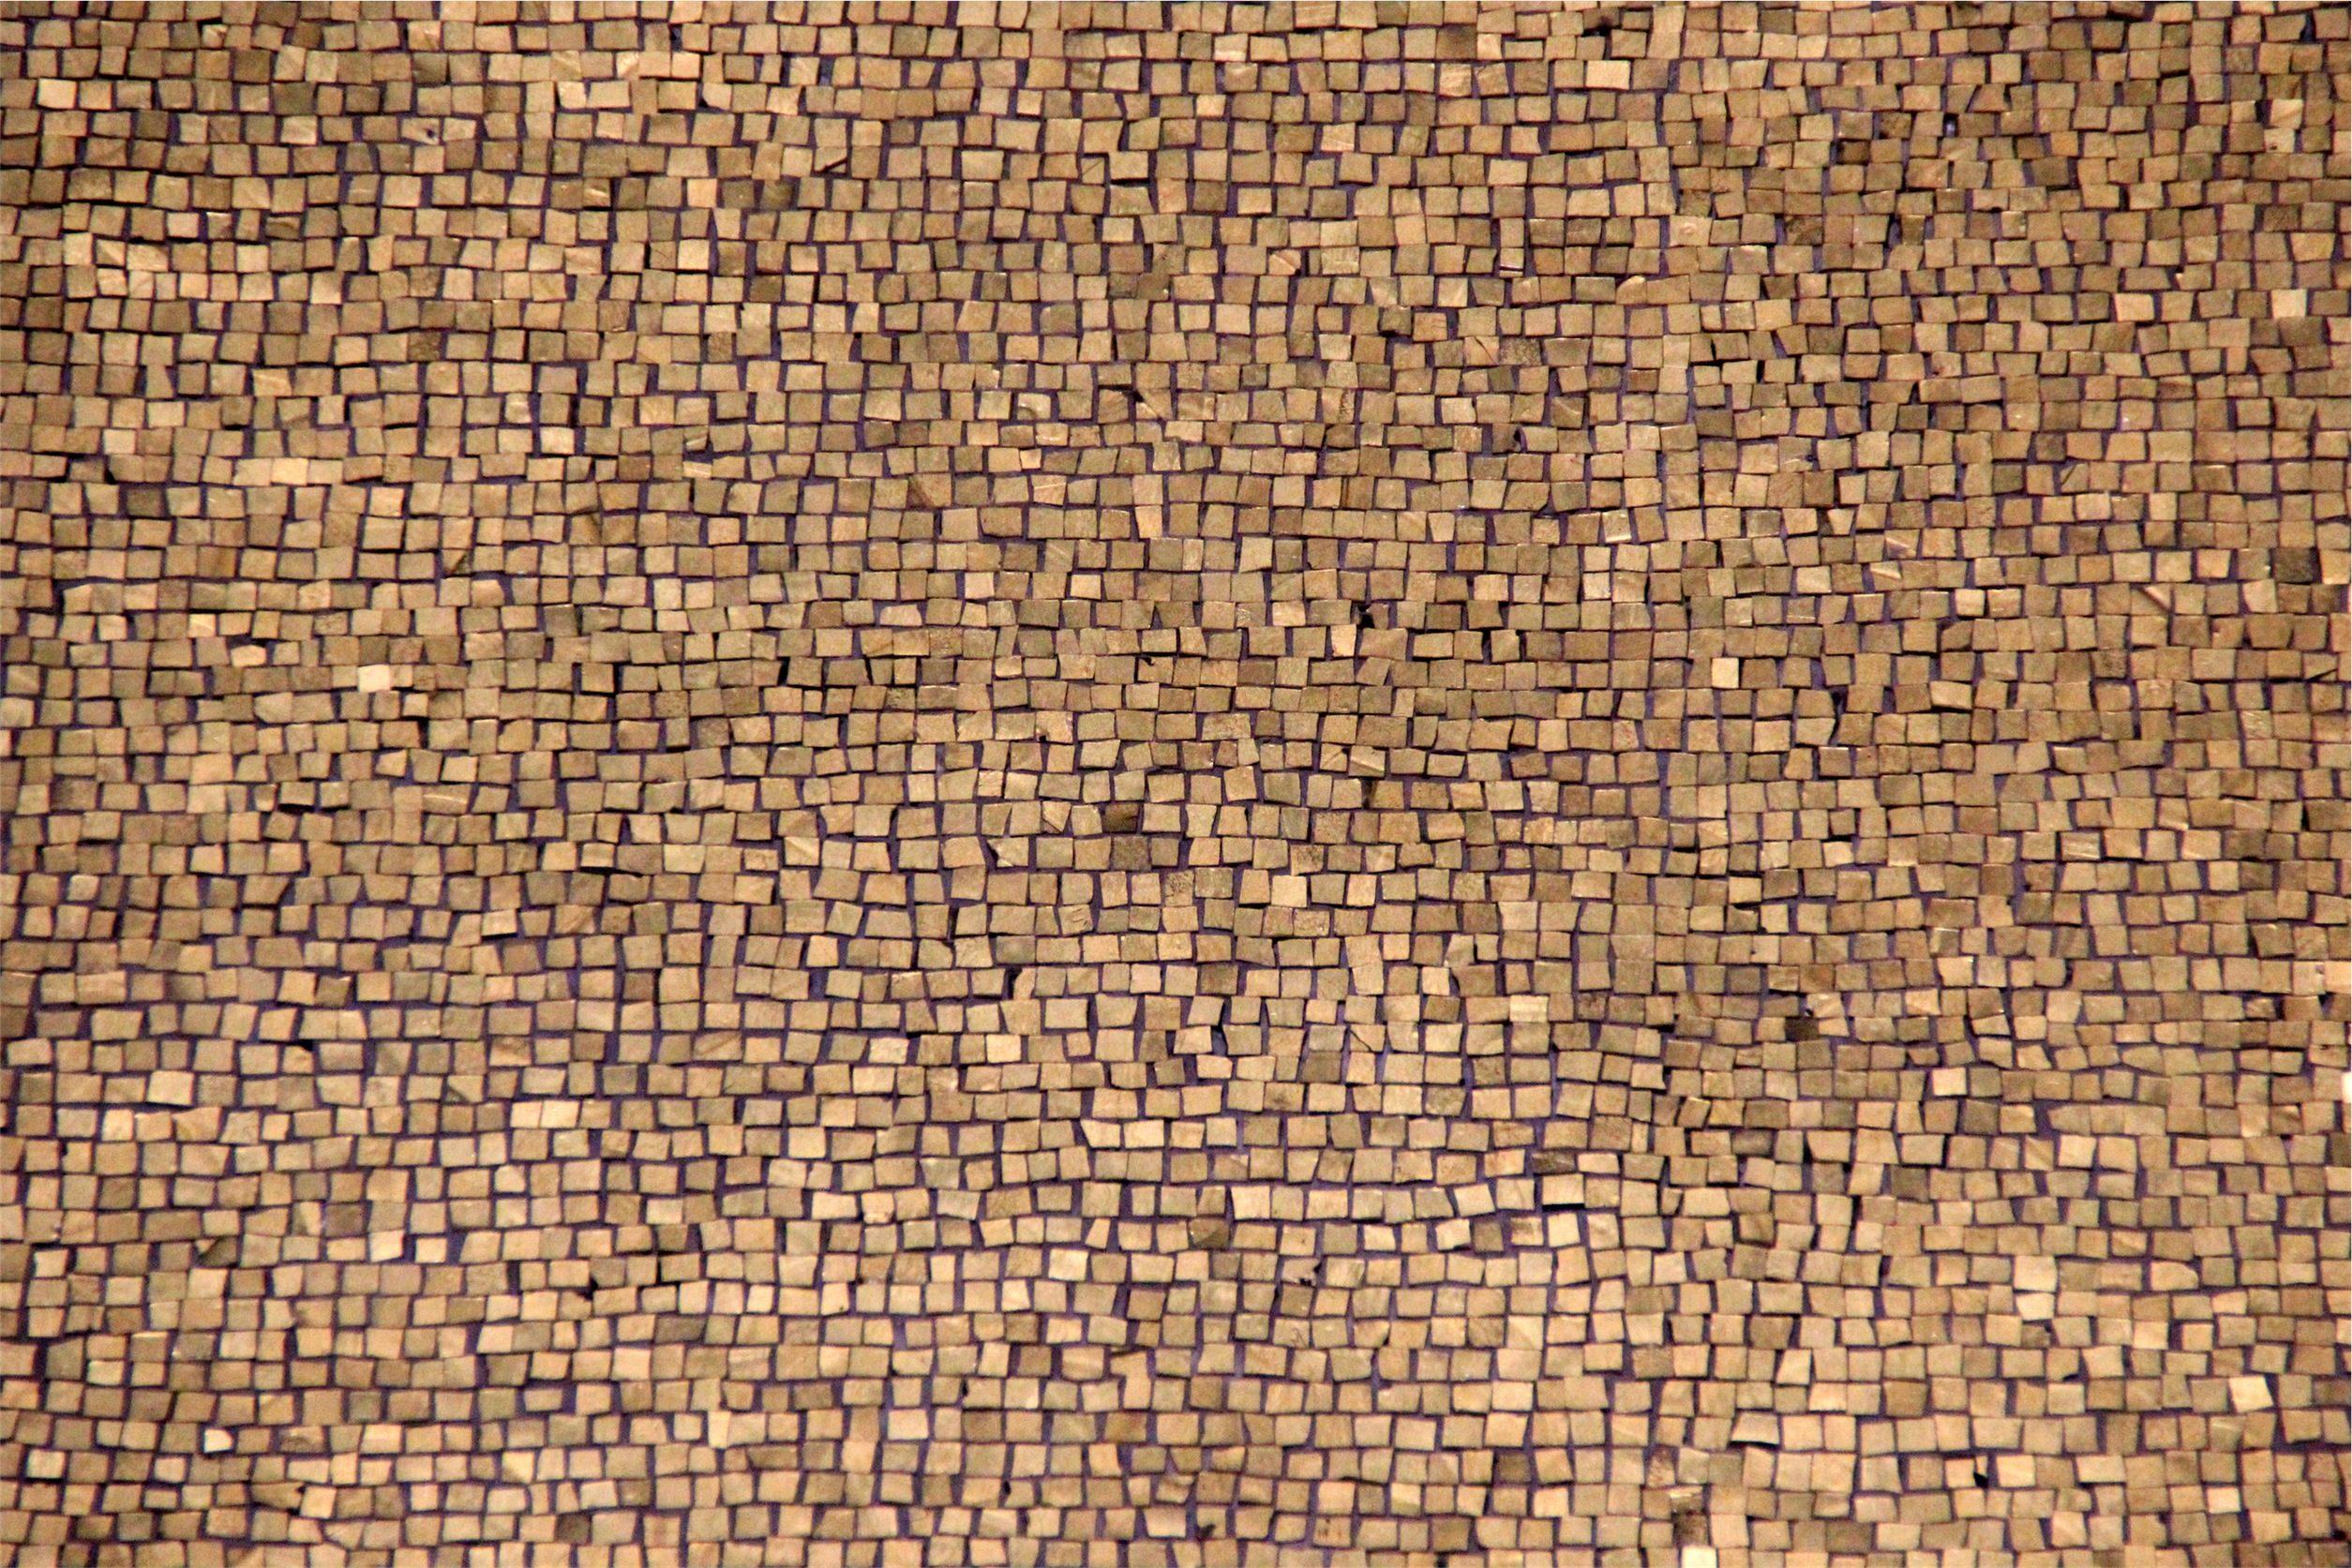 peças, Praça, pedras, linha, ordem - Papéis de parede HD - Professor-falken.com